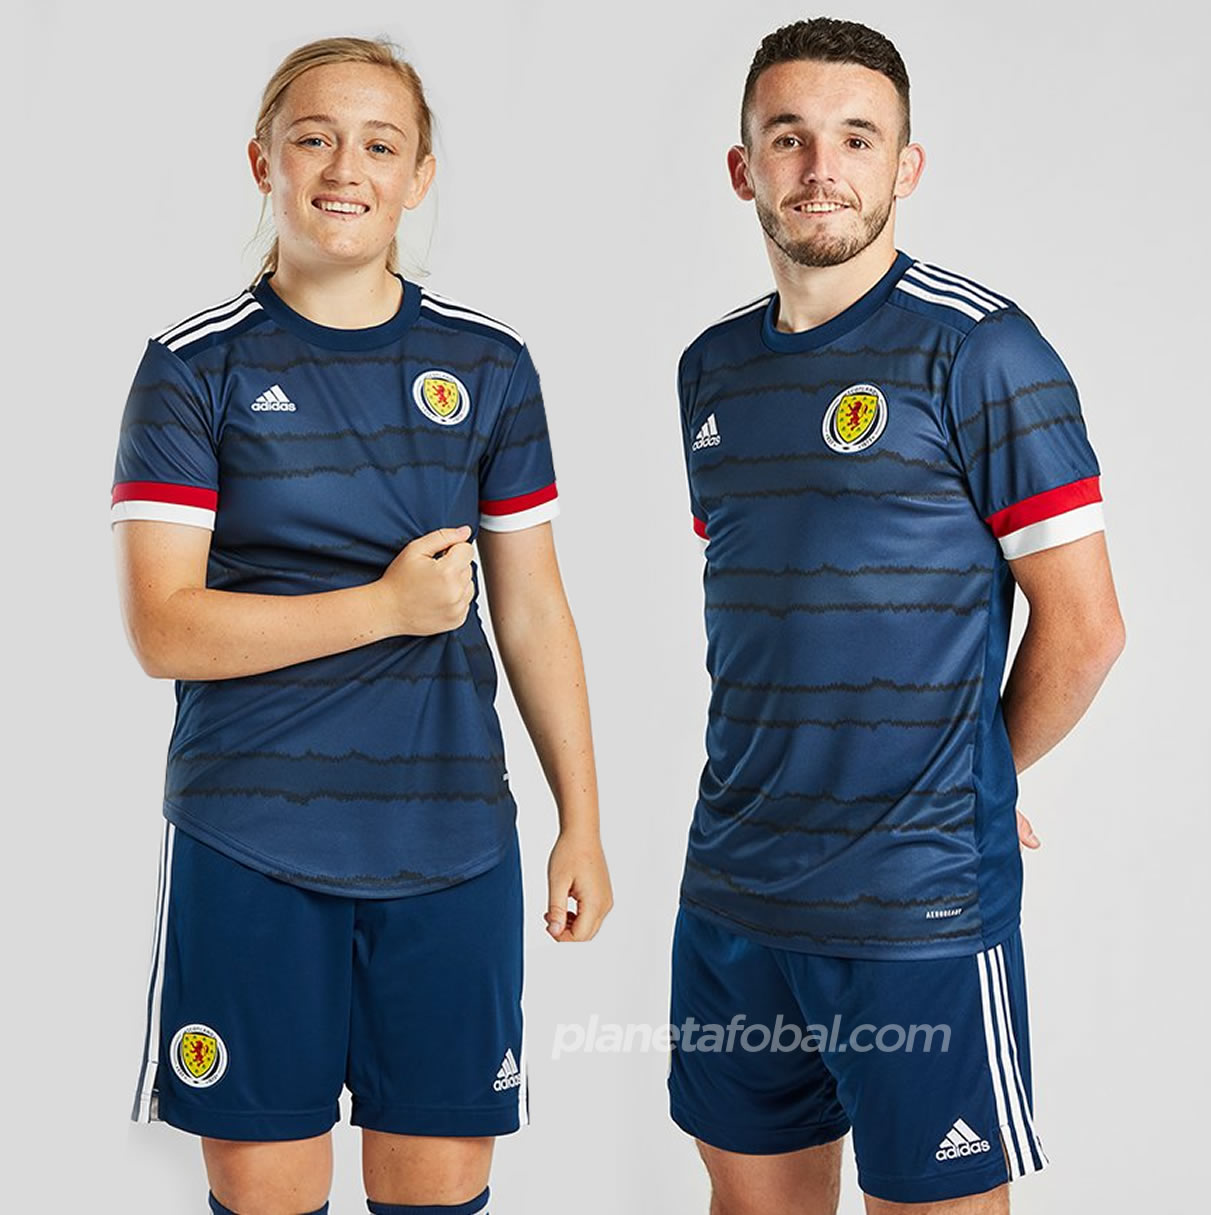 Camiseta Adidas de Escocia 2020/21   Imagen Scottish FA